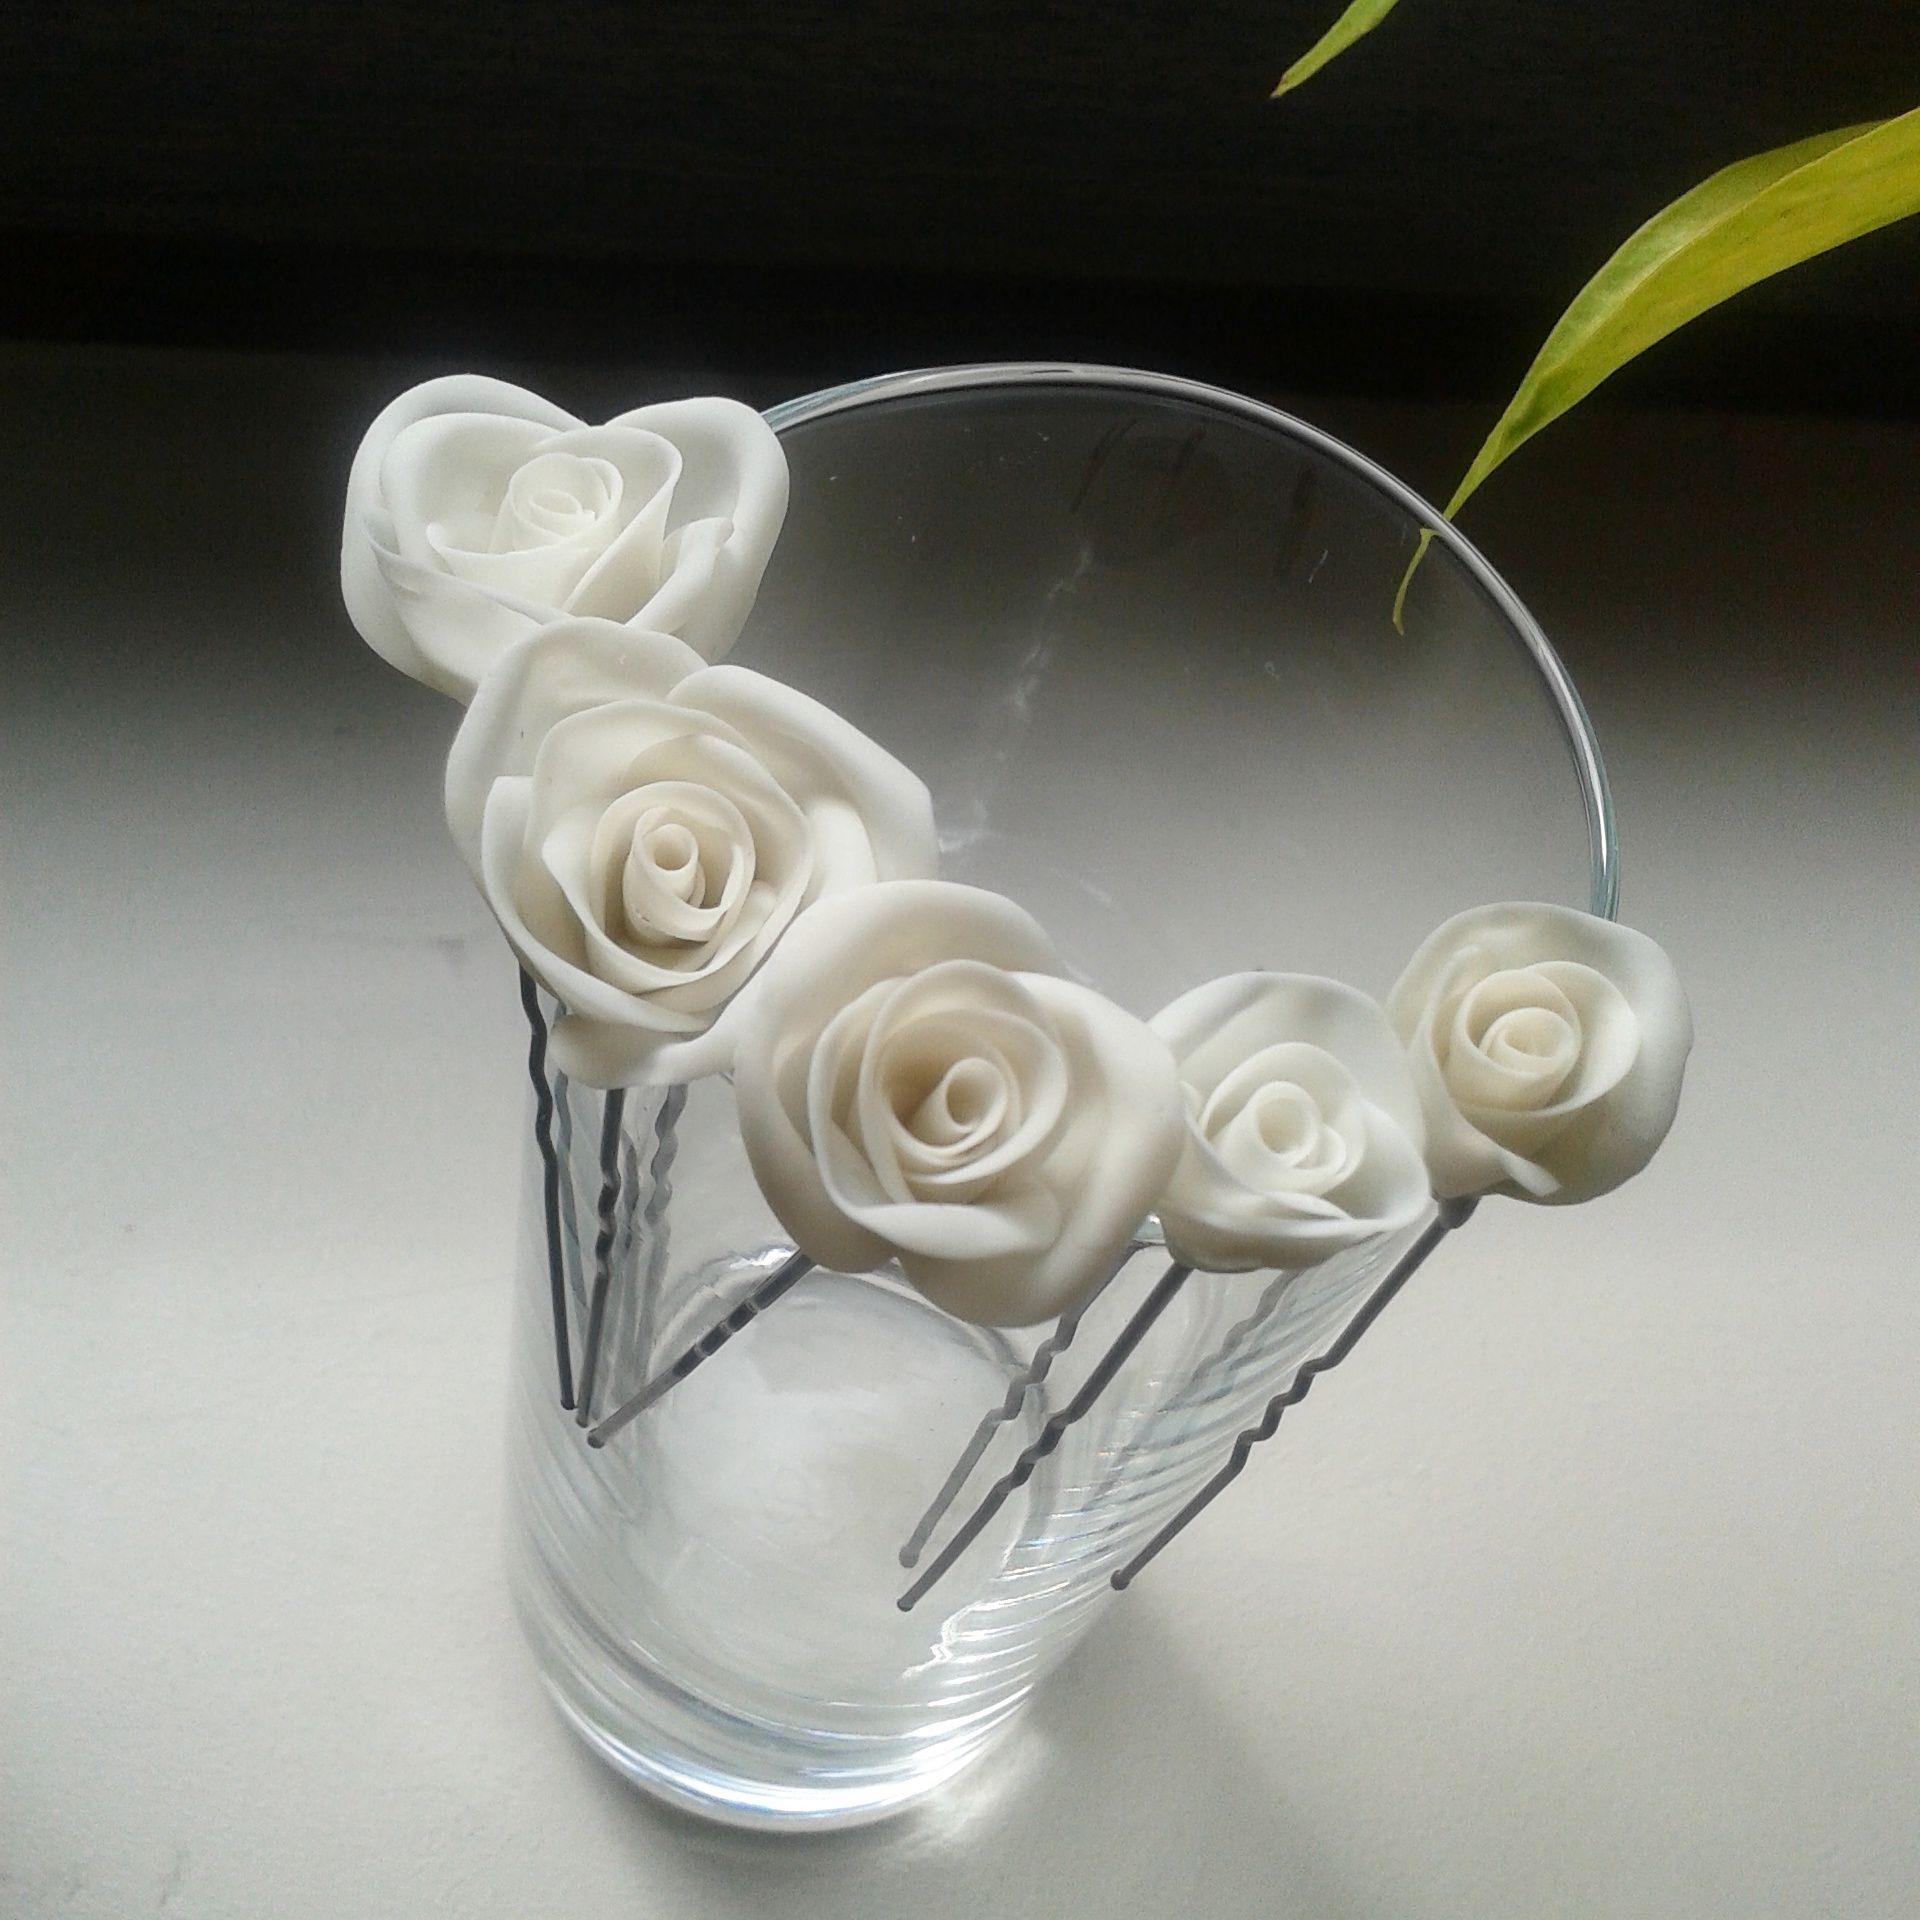 Шпильки с цветами из полимерной глины